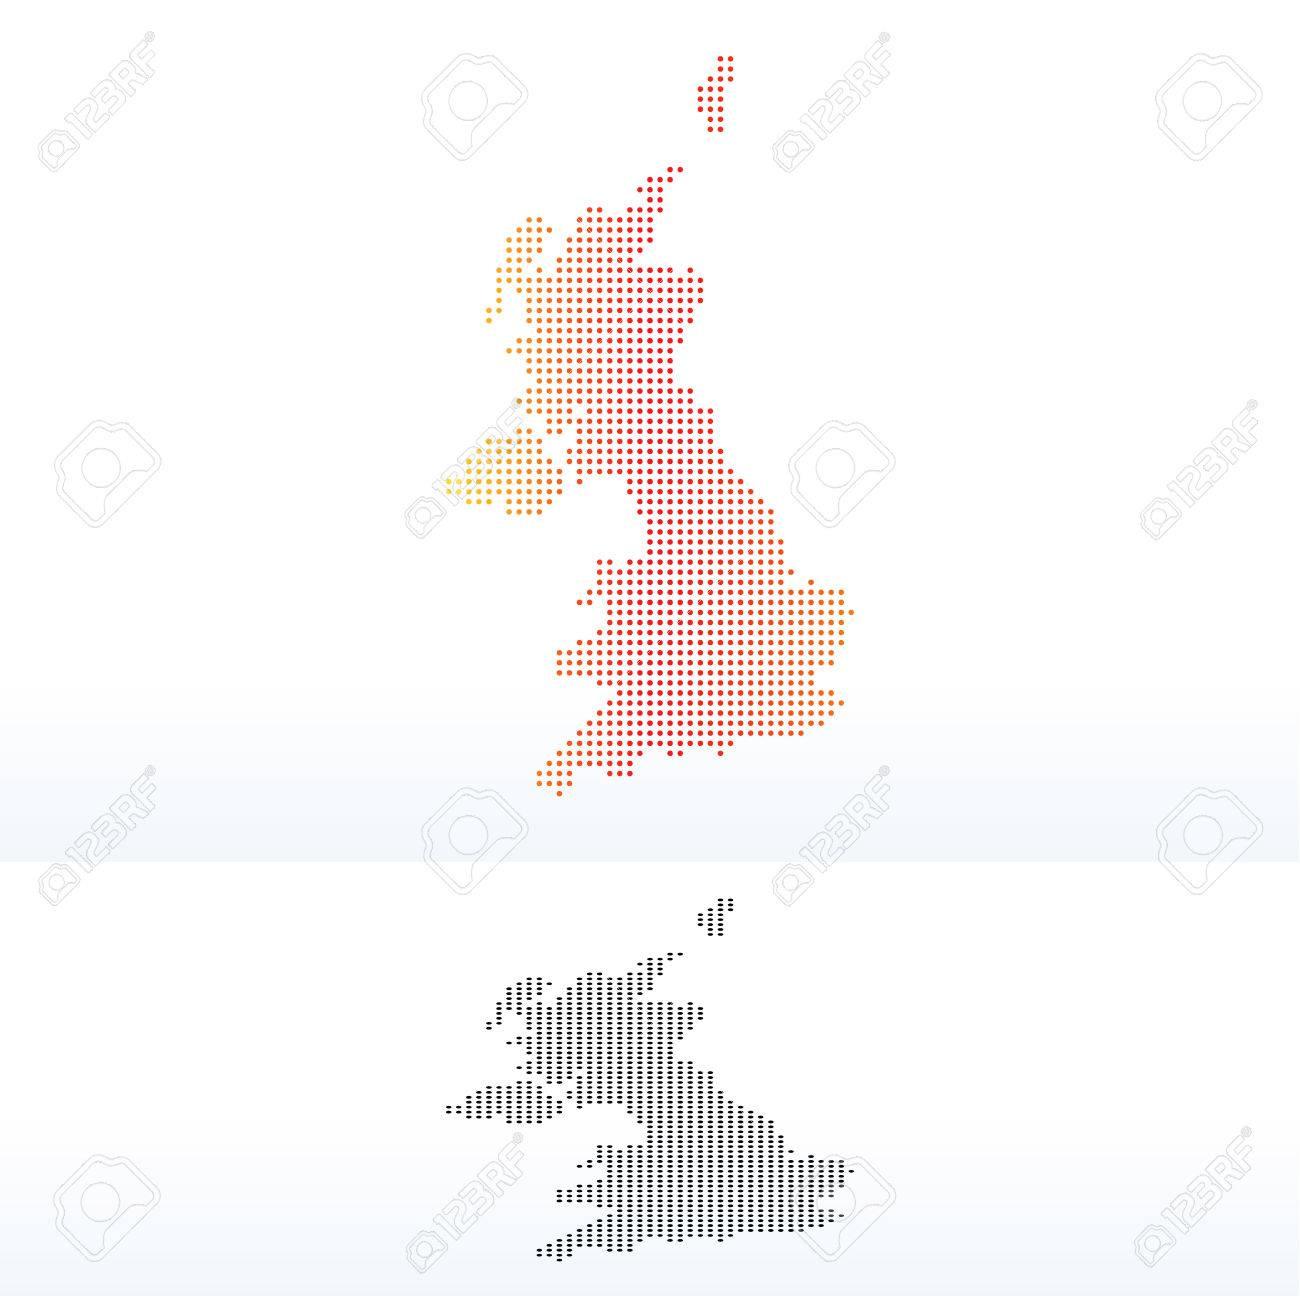 Imagen Vectorial - Mapa De Reino Unido De Gran Bretaña E Irlanda Del ...